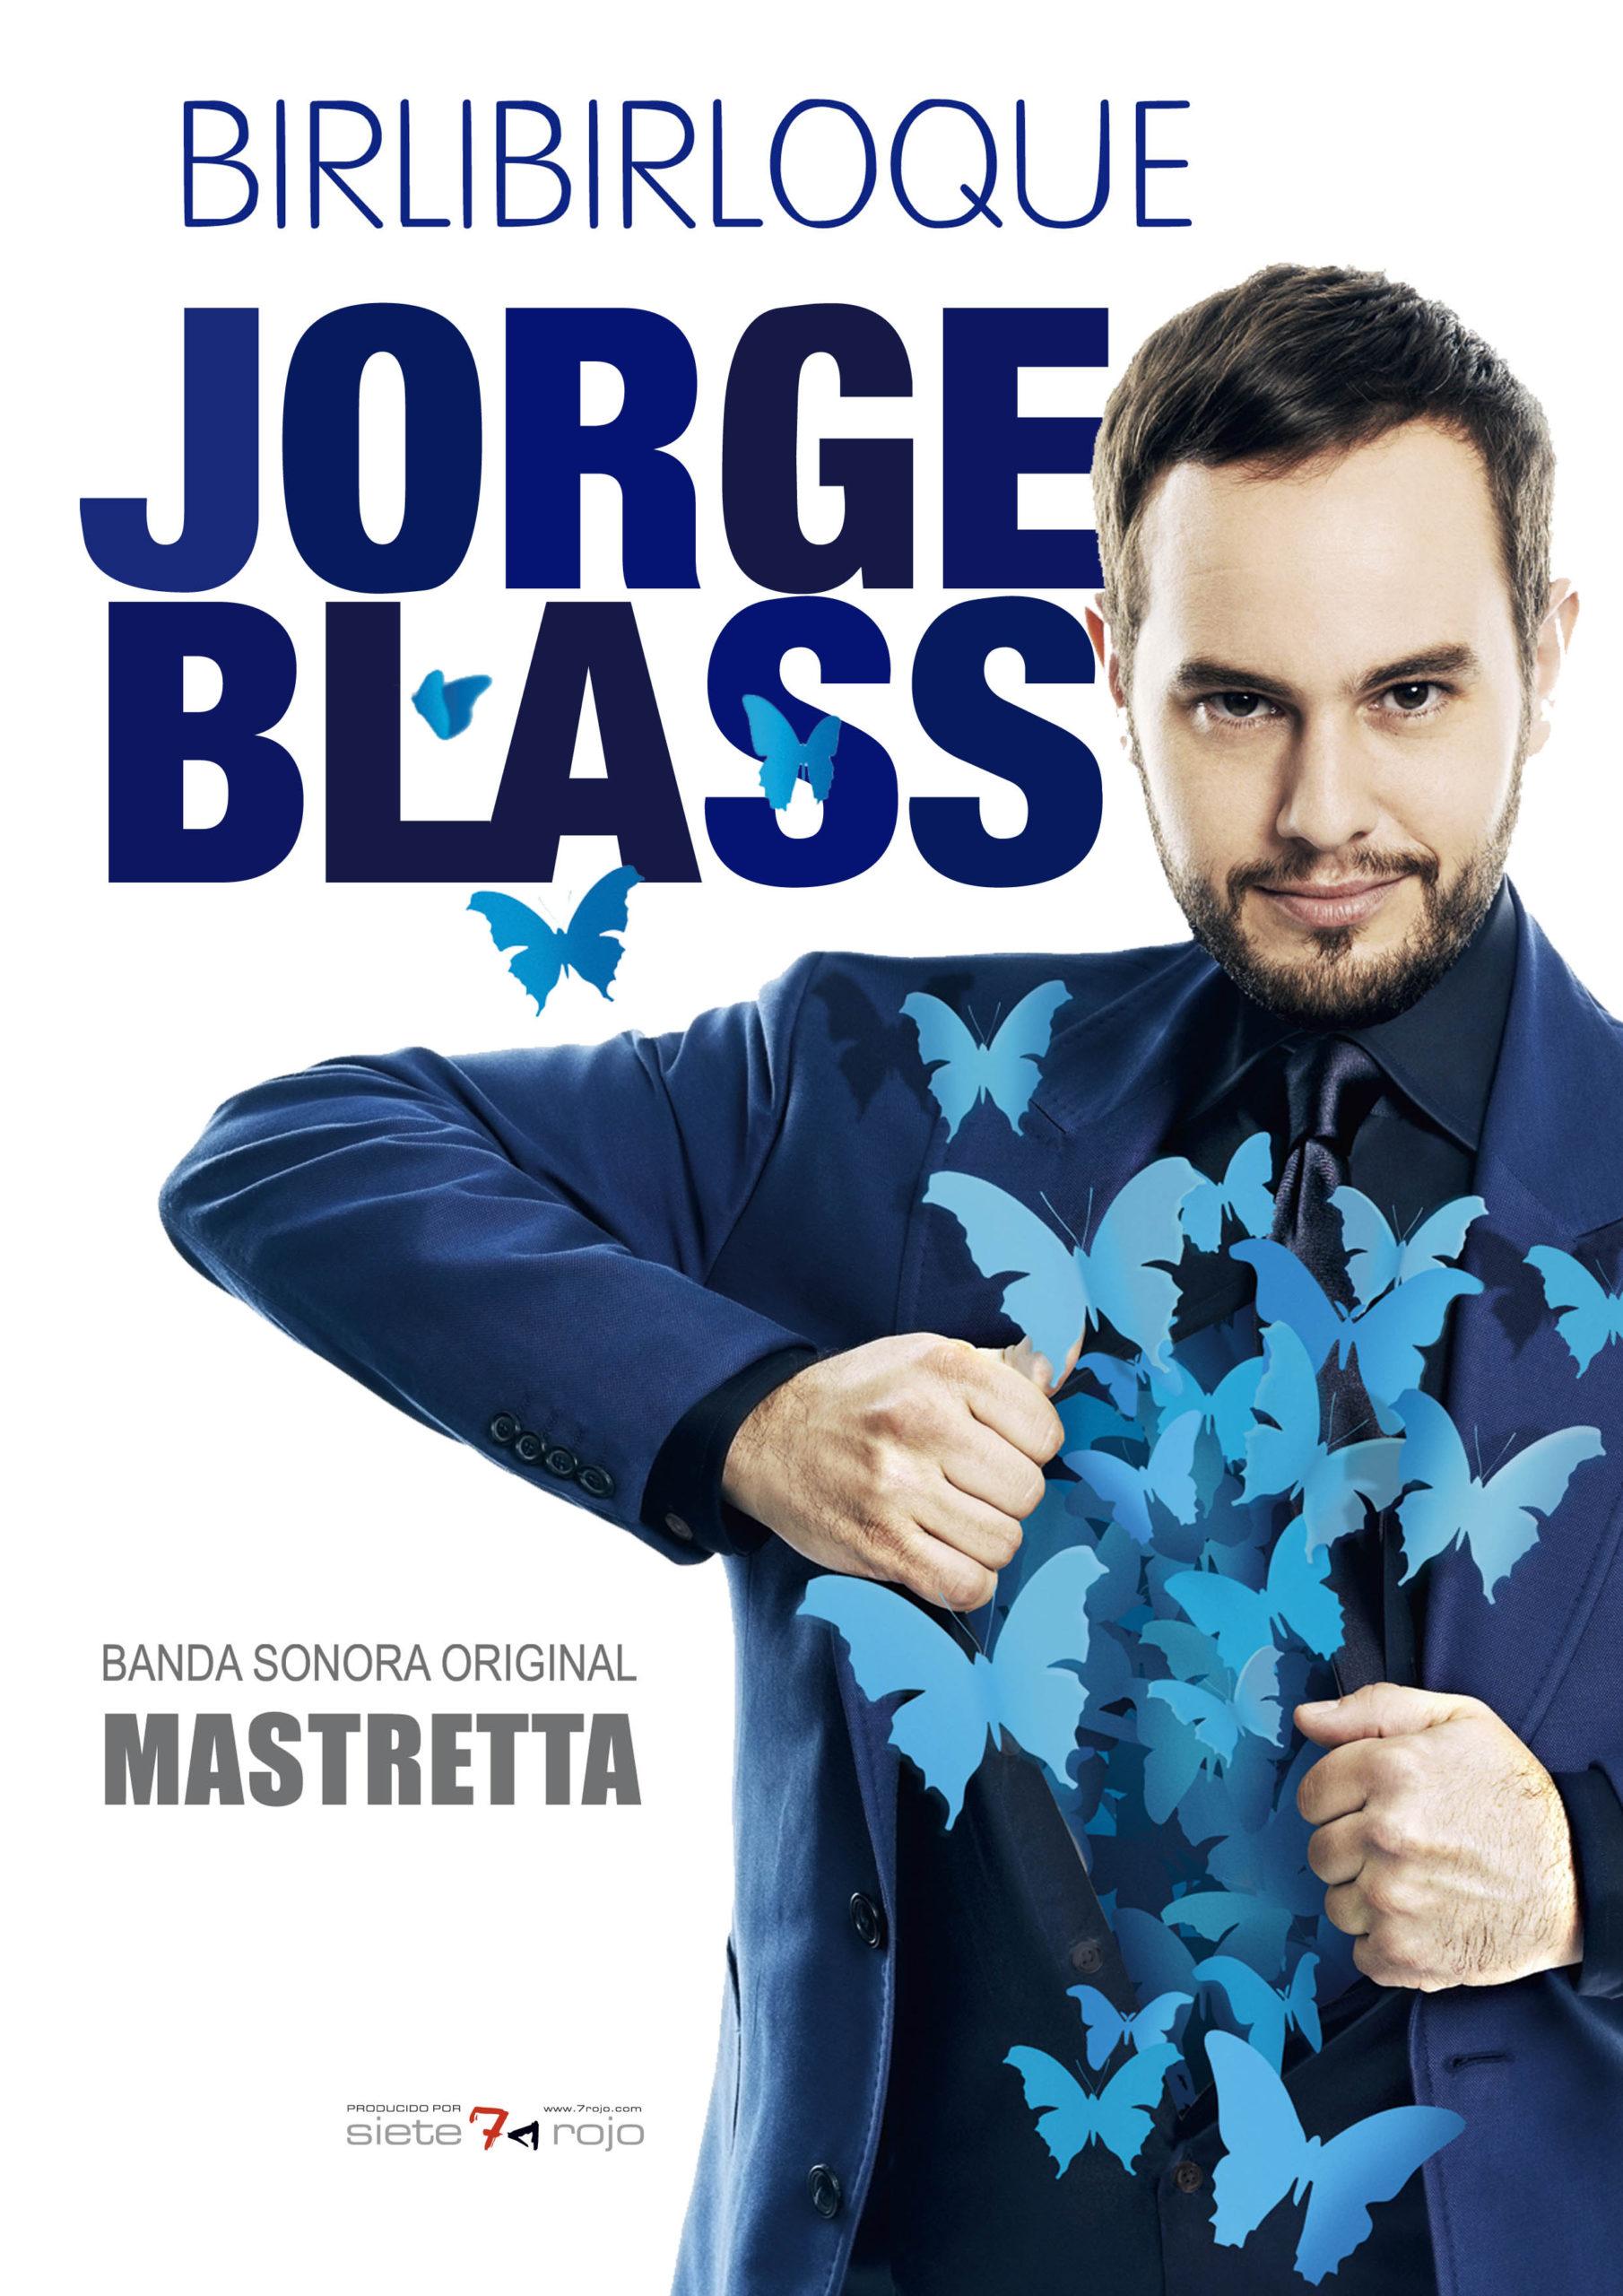 Cartel -Birlibirloque - Jorge Blass - Música Original Mastretta